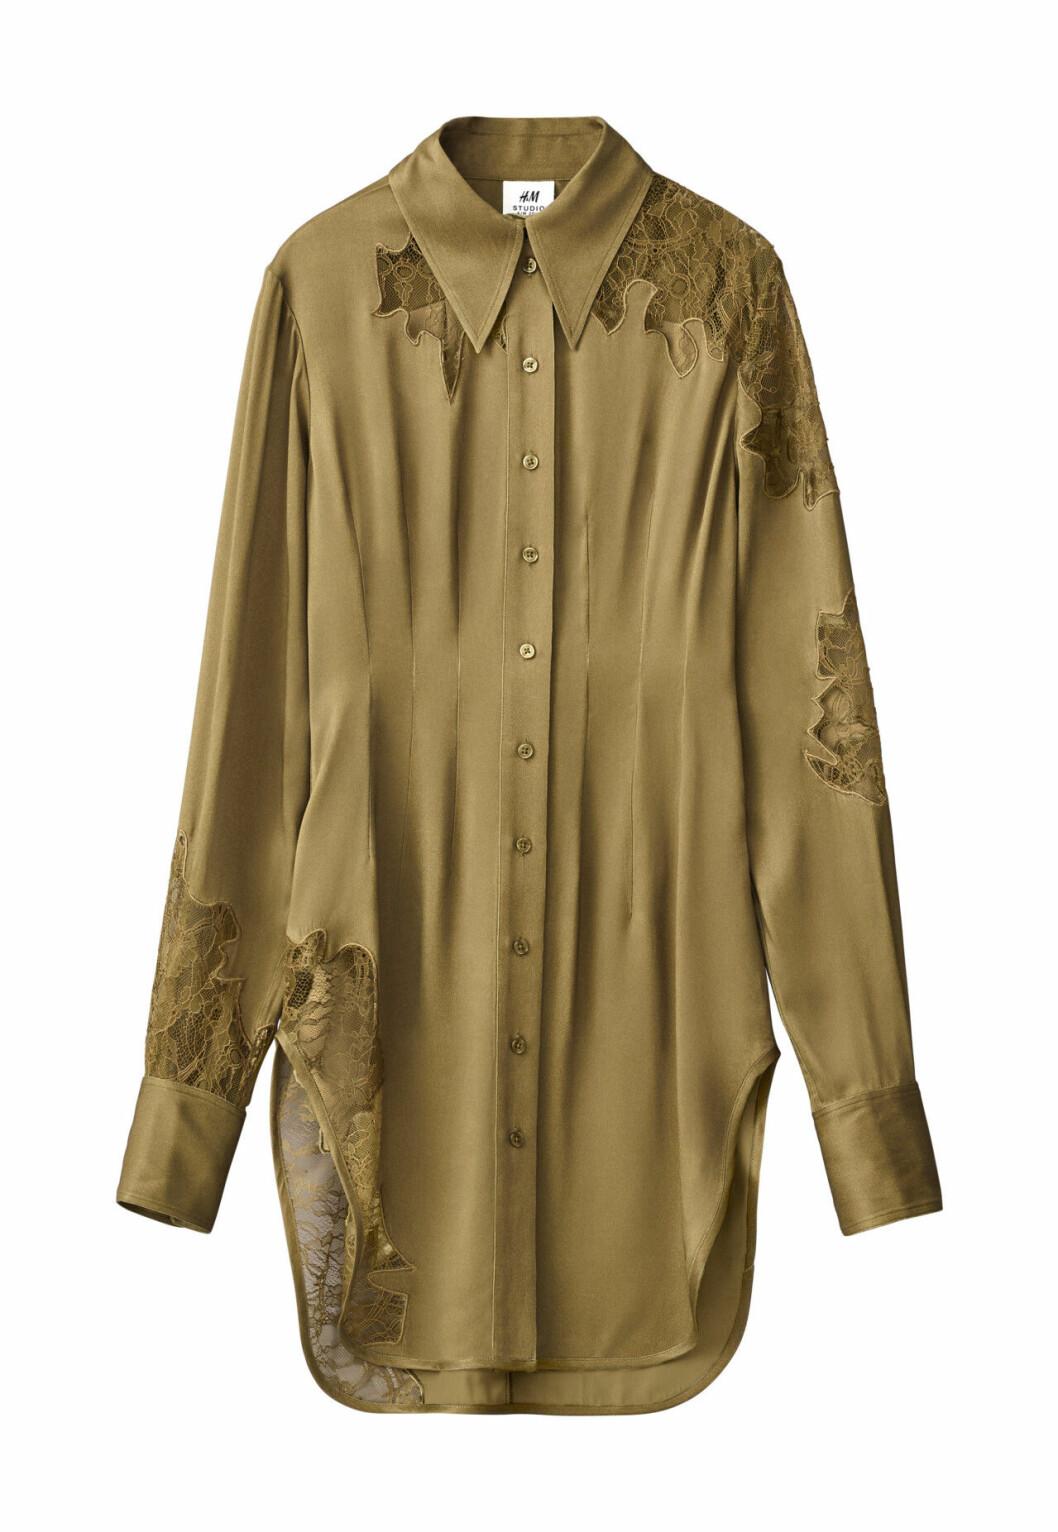 H&M Studio höstkollektion aw 2019 – skjorta i silke